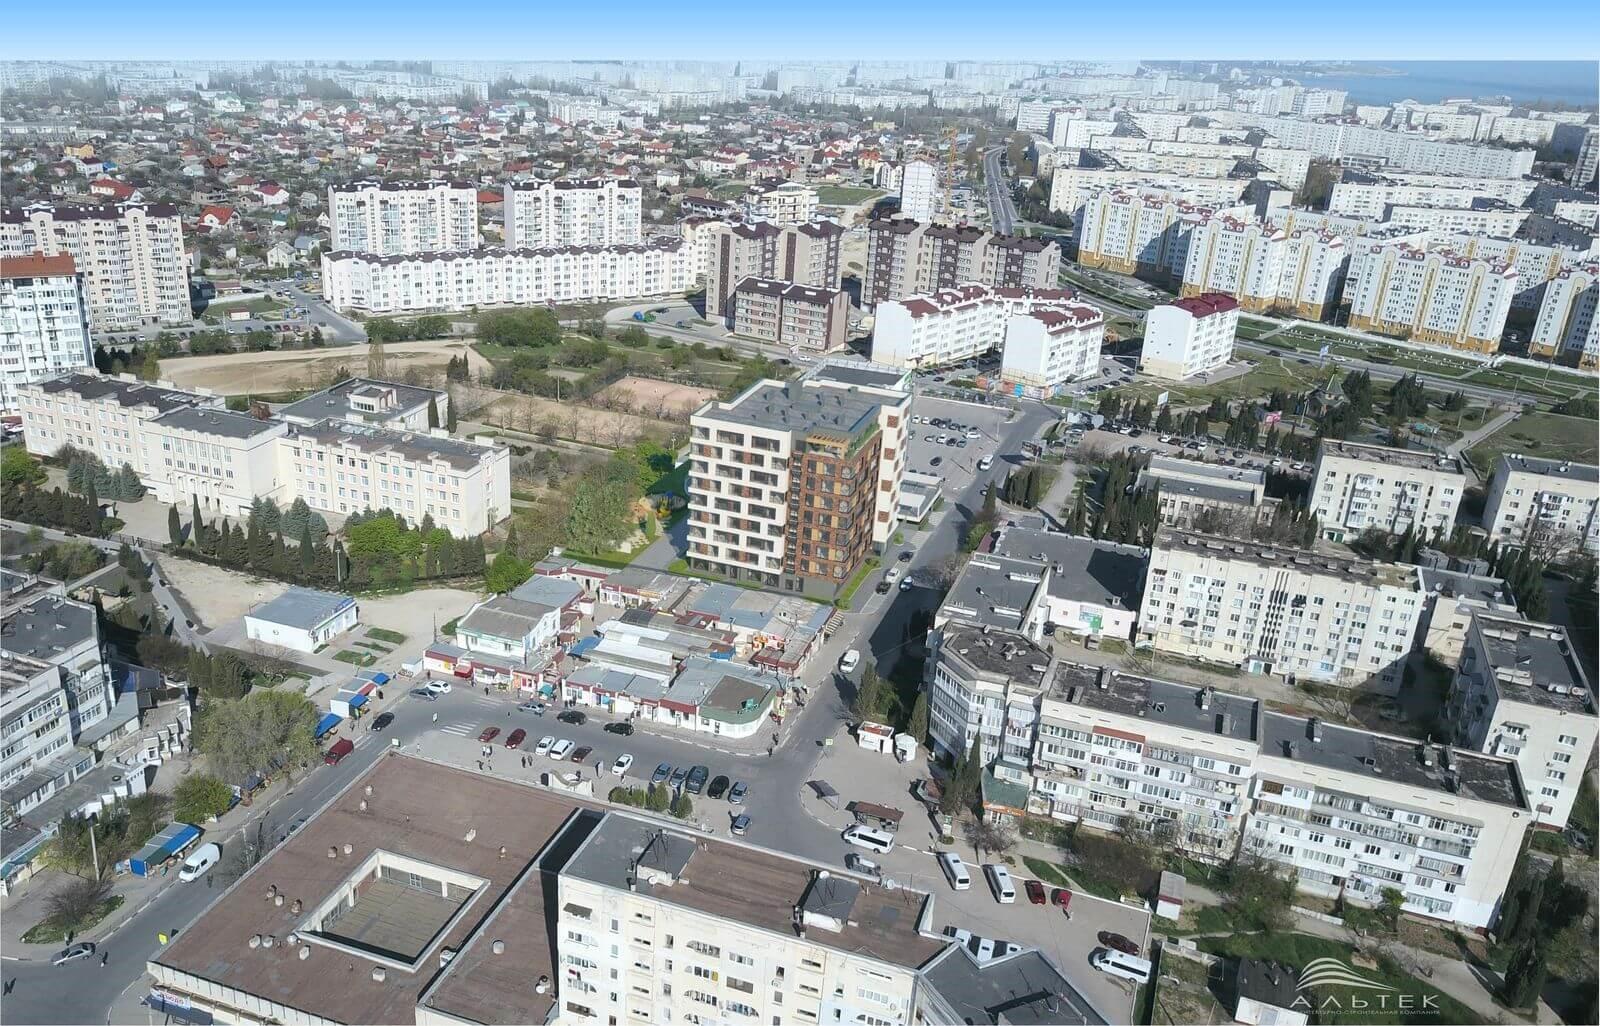 Суд в Севастополе не разрешил возвести десятиэтажку вместо парковки